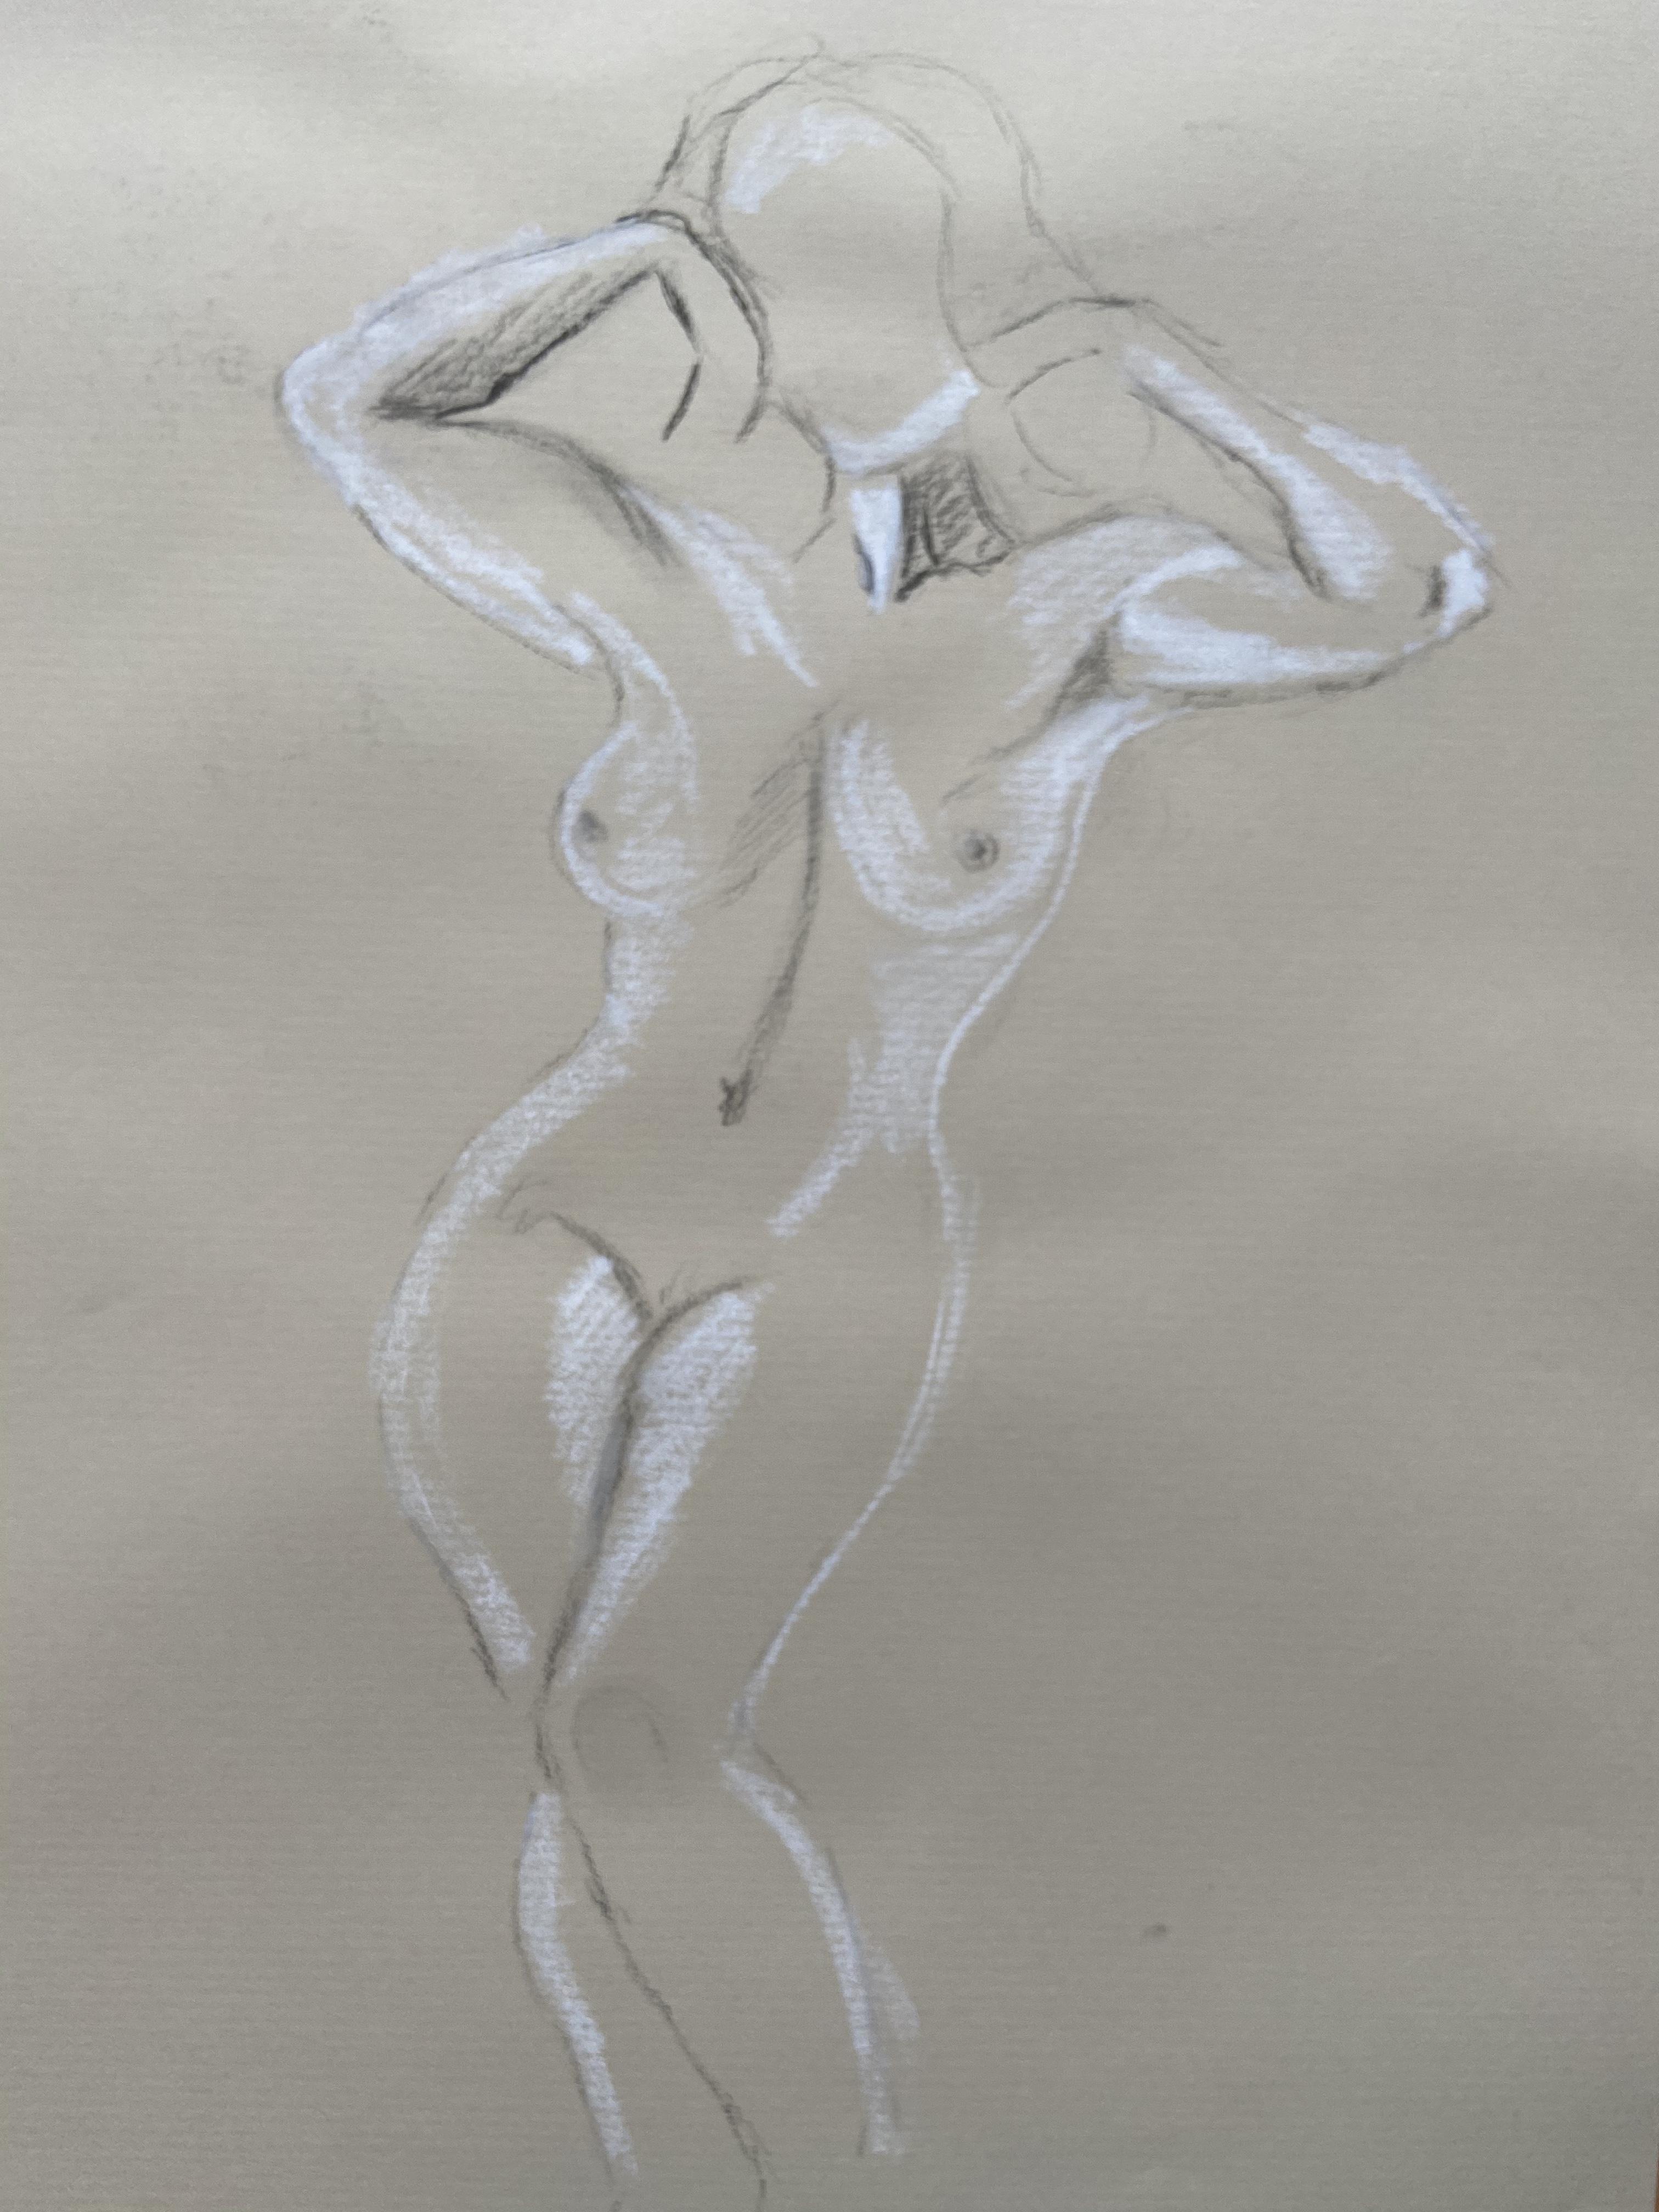 Dessin fusain craie blanche d�hanch� face mod�le vivant femme  cours de dessin